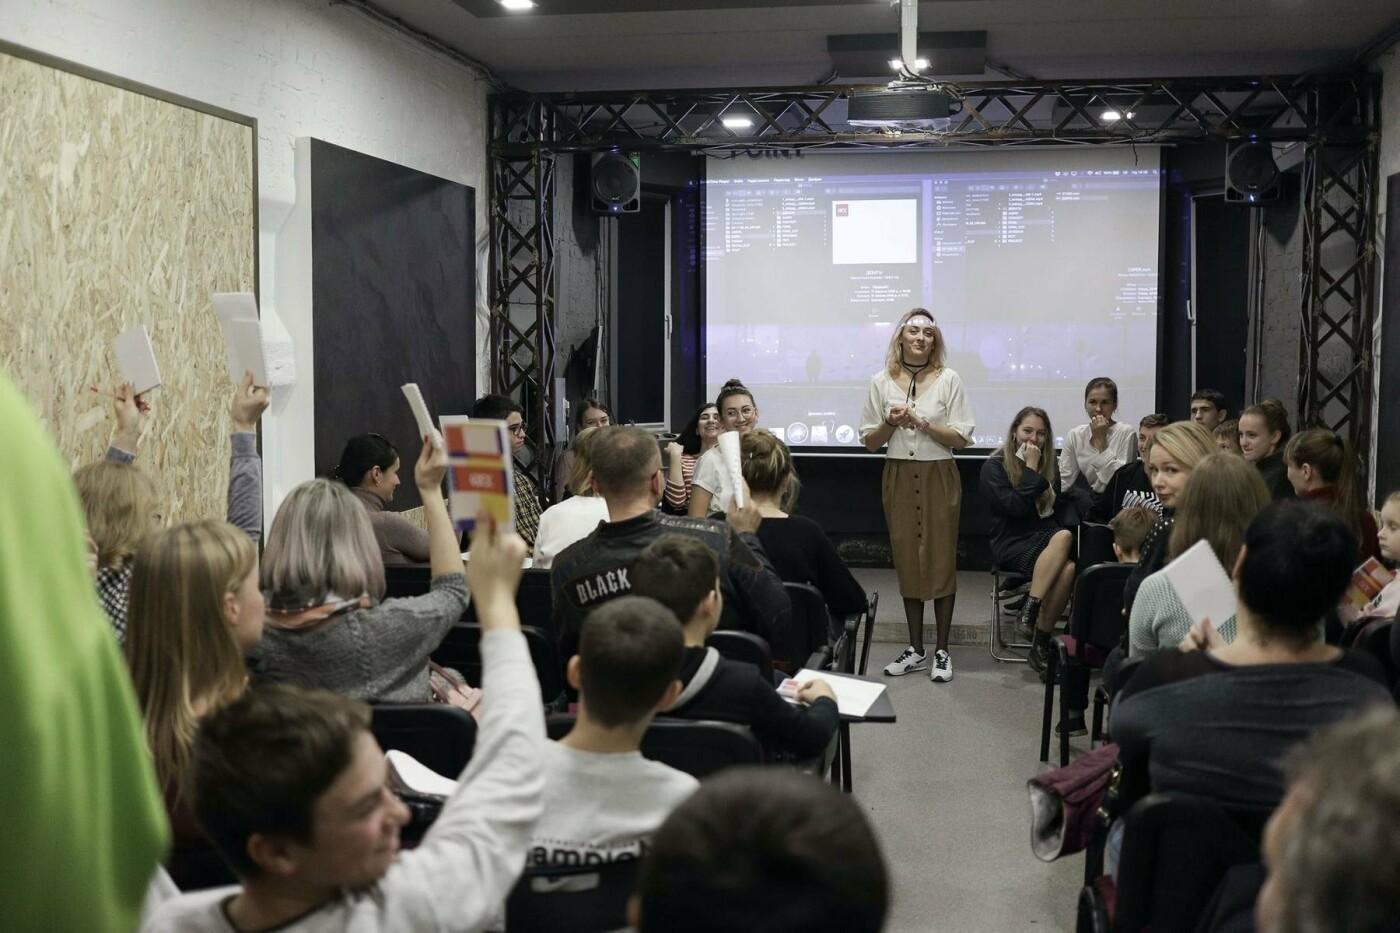 У Сумах пройшов Кіноконкурс для молоді «Є-Док», фото-2